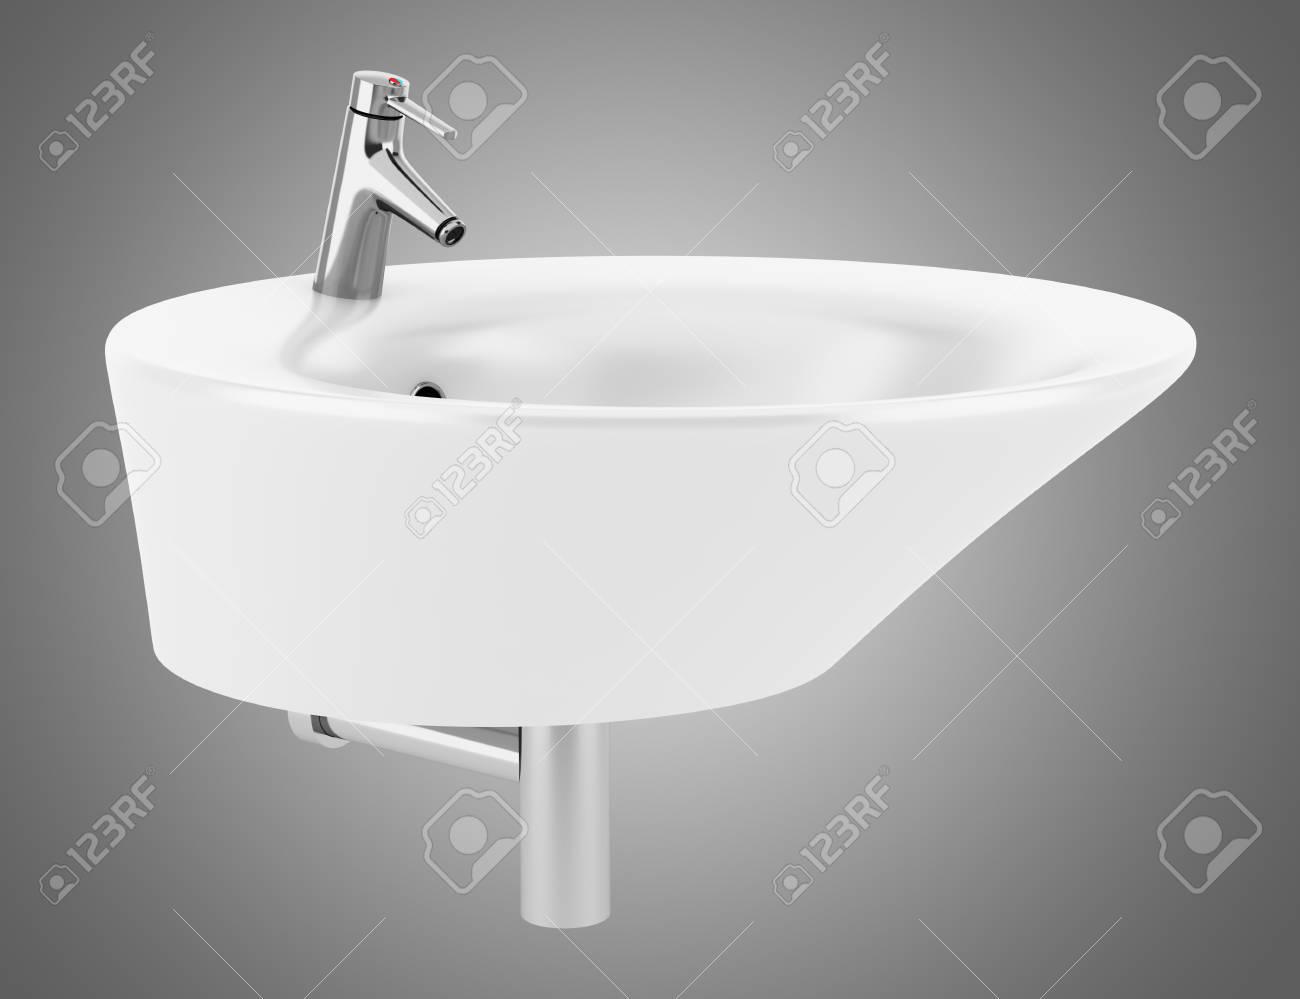 Wasbak Badkamer Grijze : Keramische wastafel badkamer geïsoleerd op een grijze achtergrond